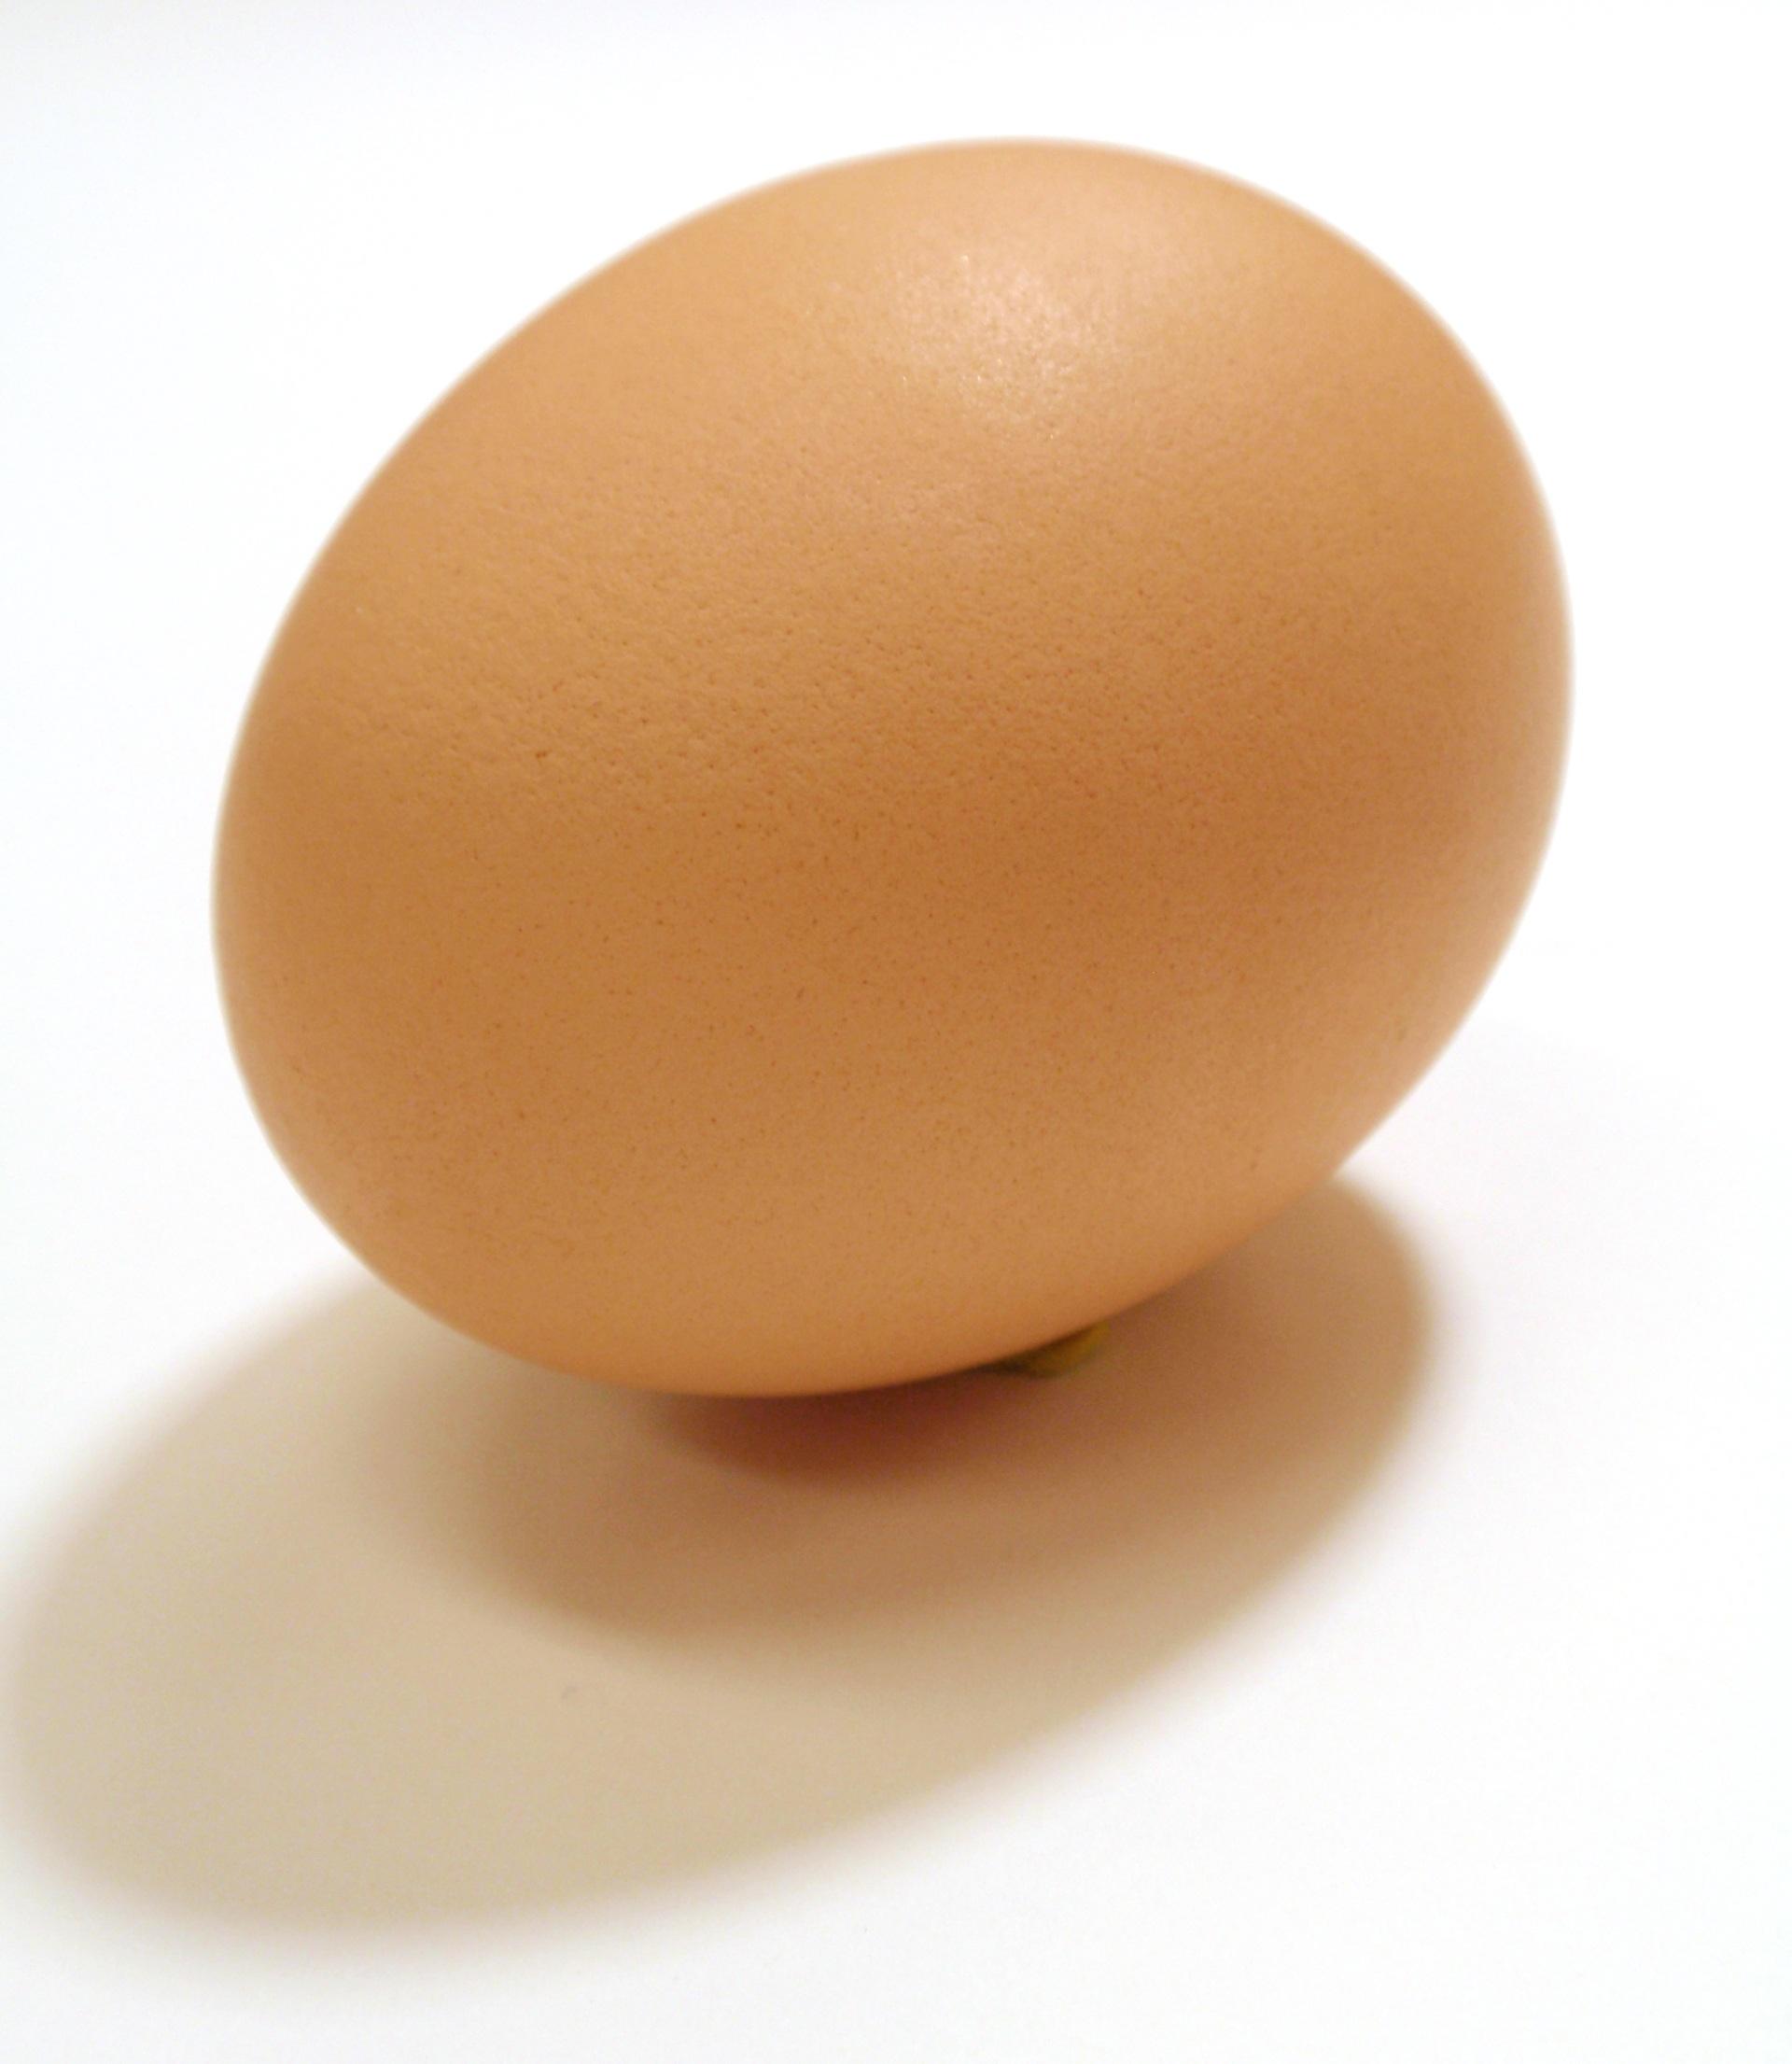 Яйцо салат диета вареная курица кедровыми орешками яблоко белый.